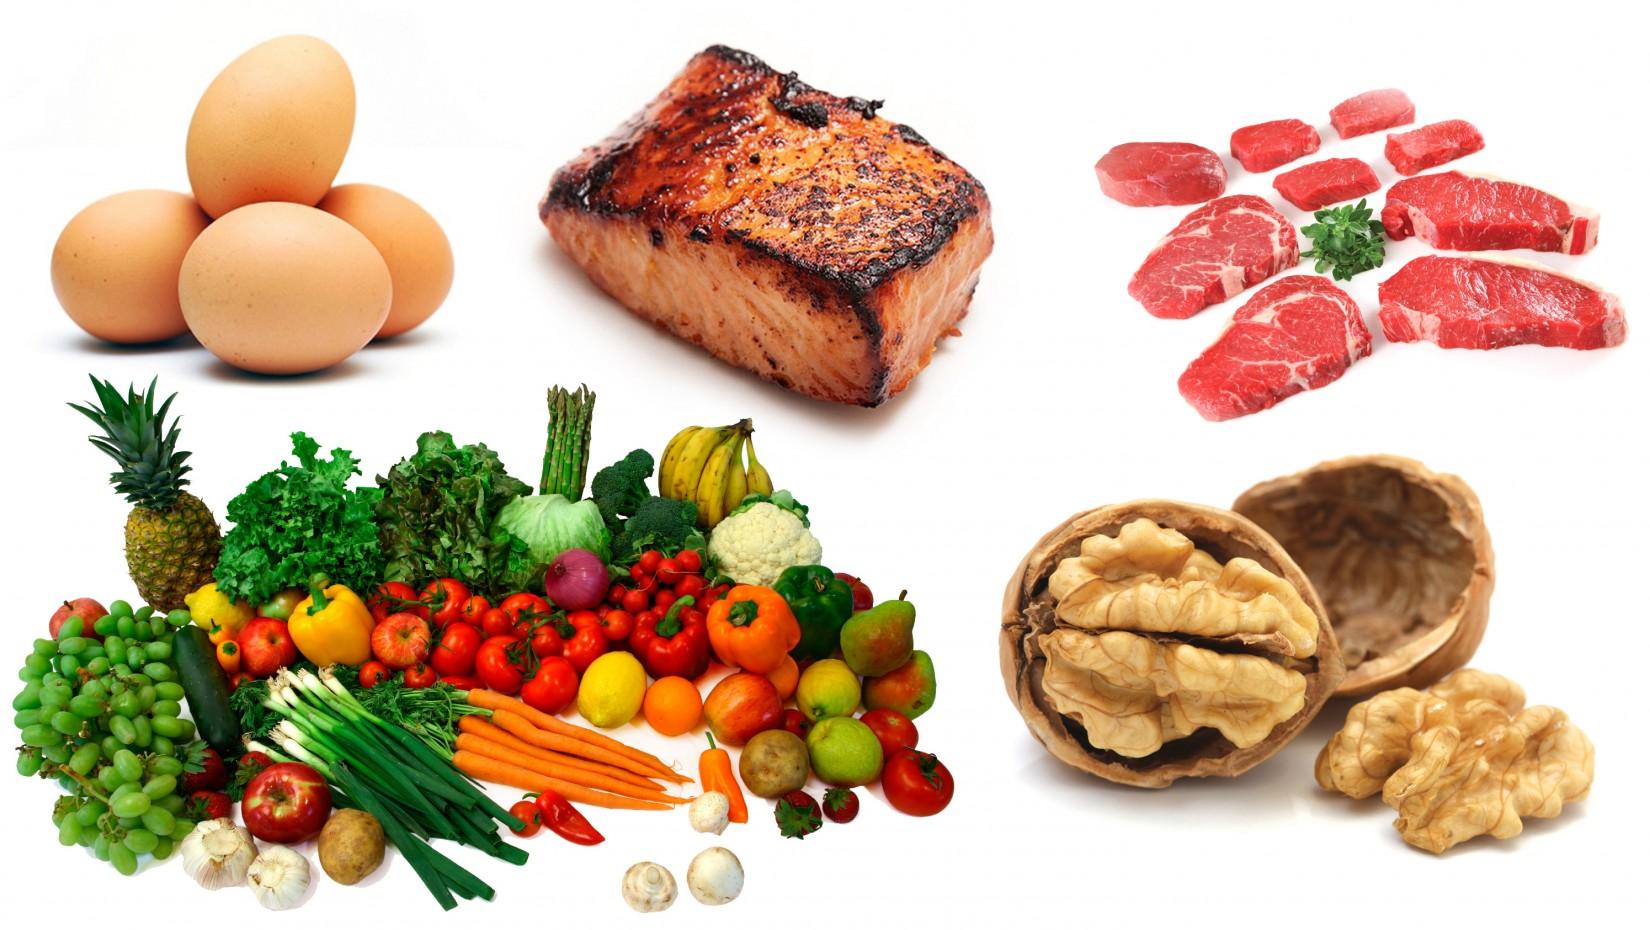 dieta paleolitica per atleti pdf